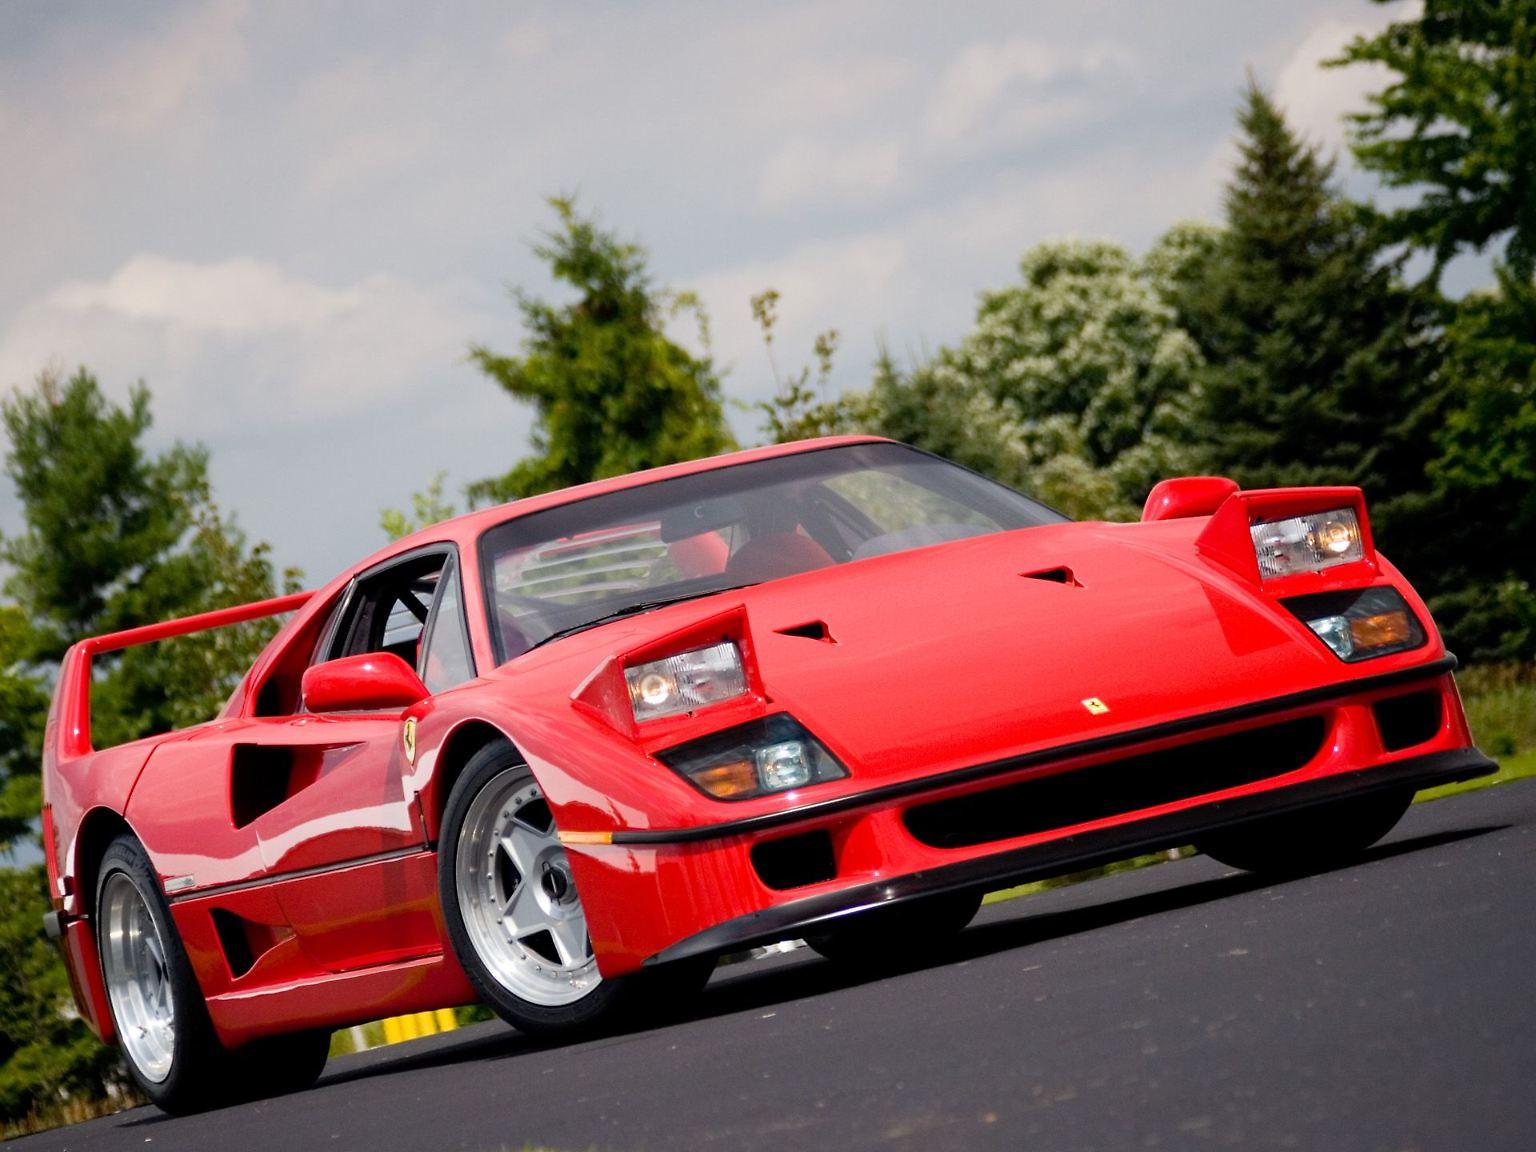 Ferrari-F40-Retro-Coupe.jpg